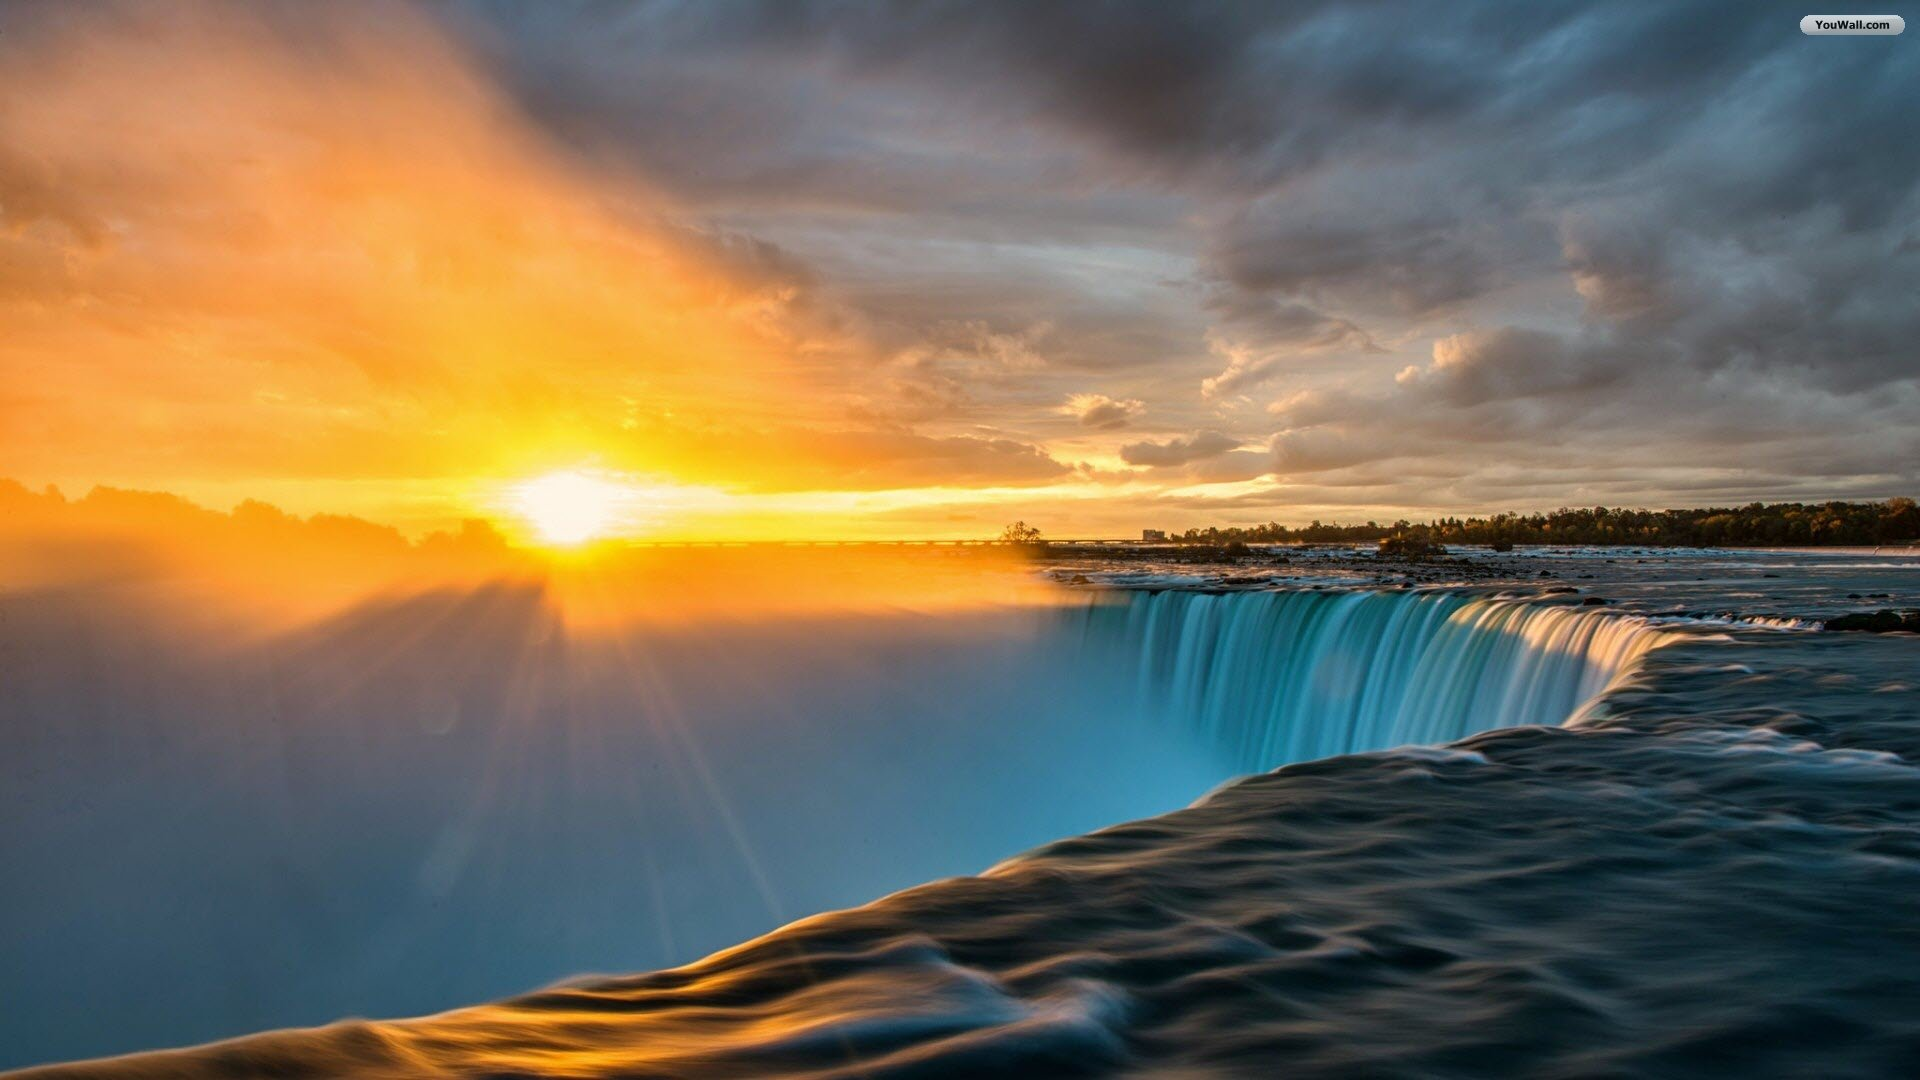 Desktop Wallpapers » Natural Backgrounds » Denali Sunrise over